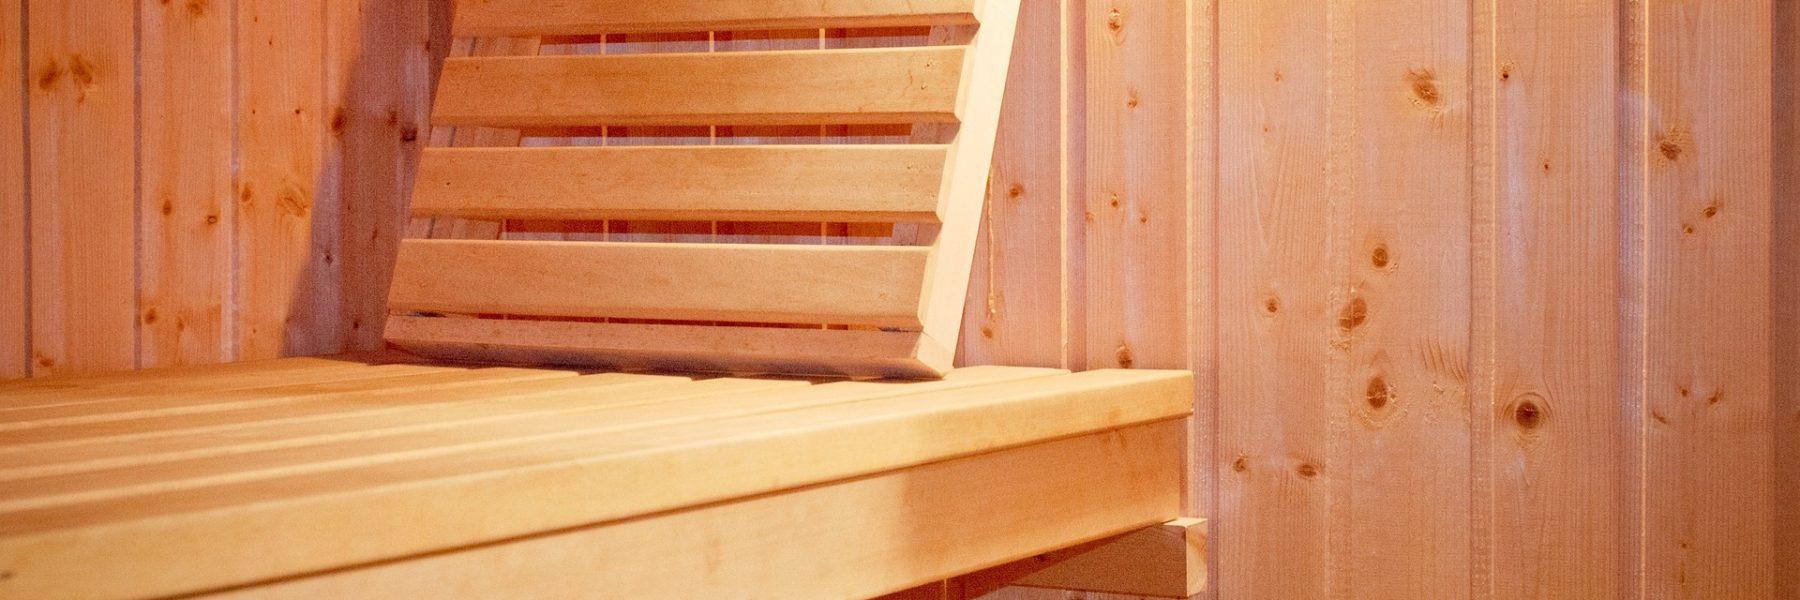 sauna-1405973_1920